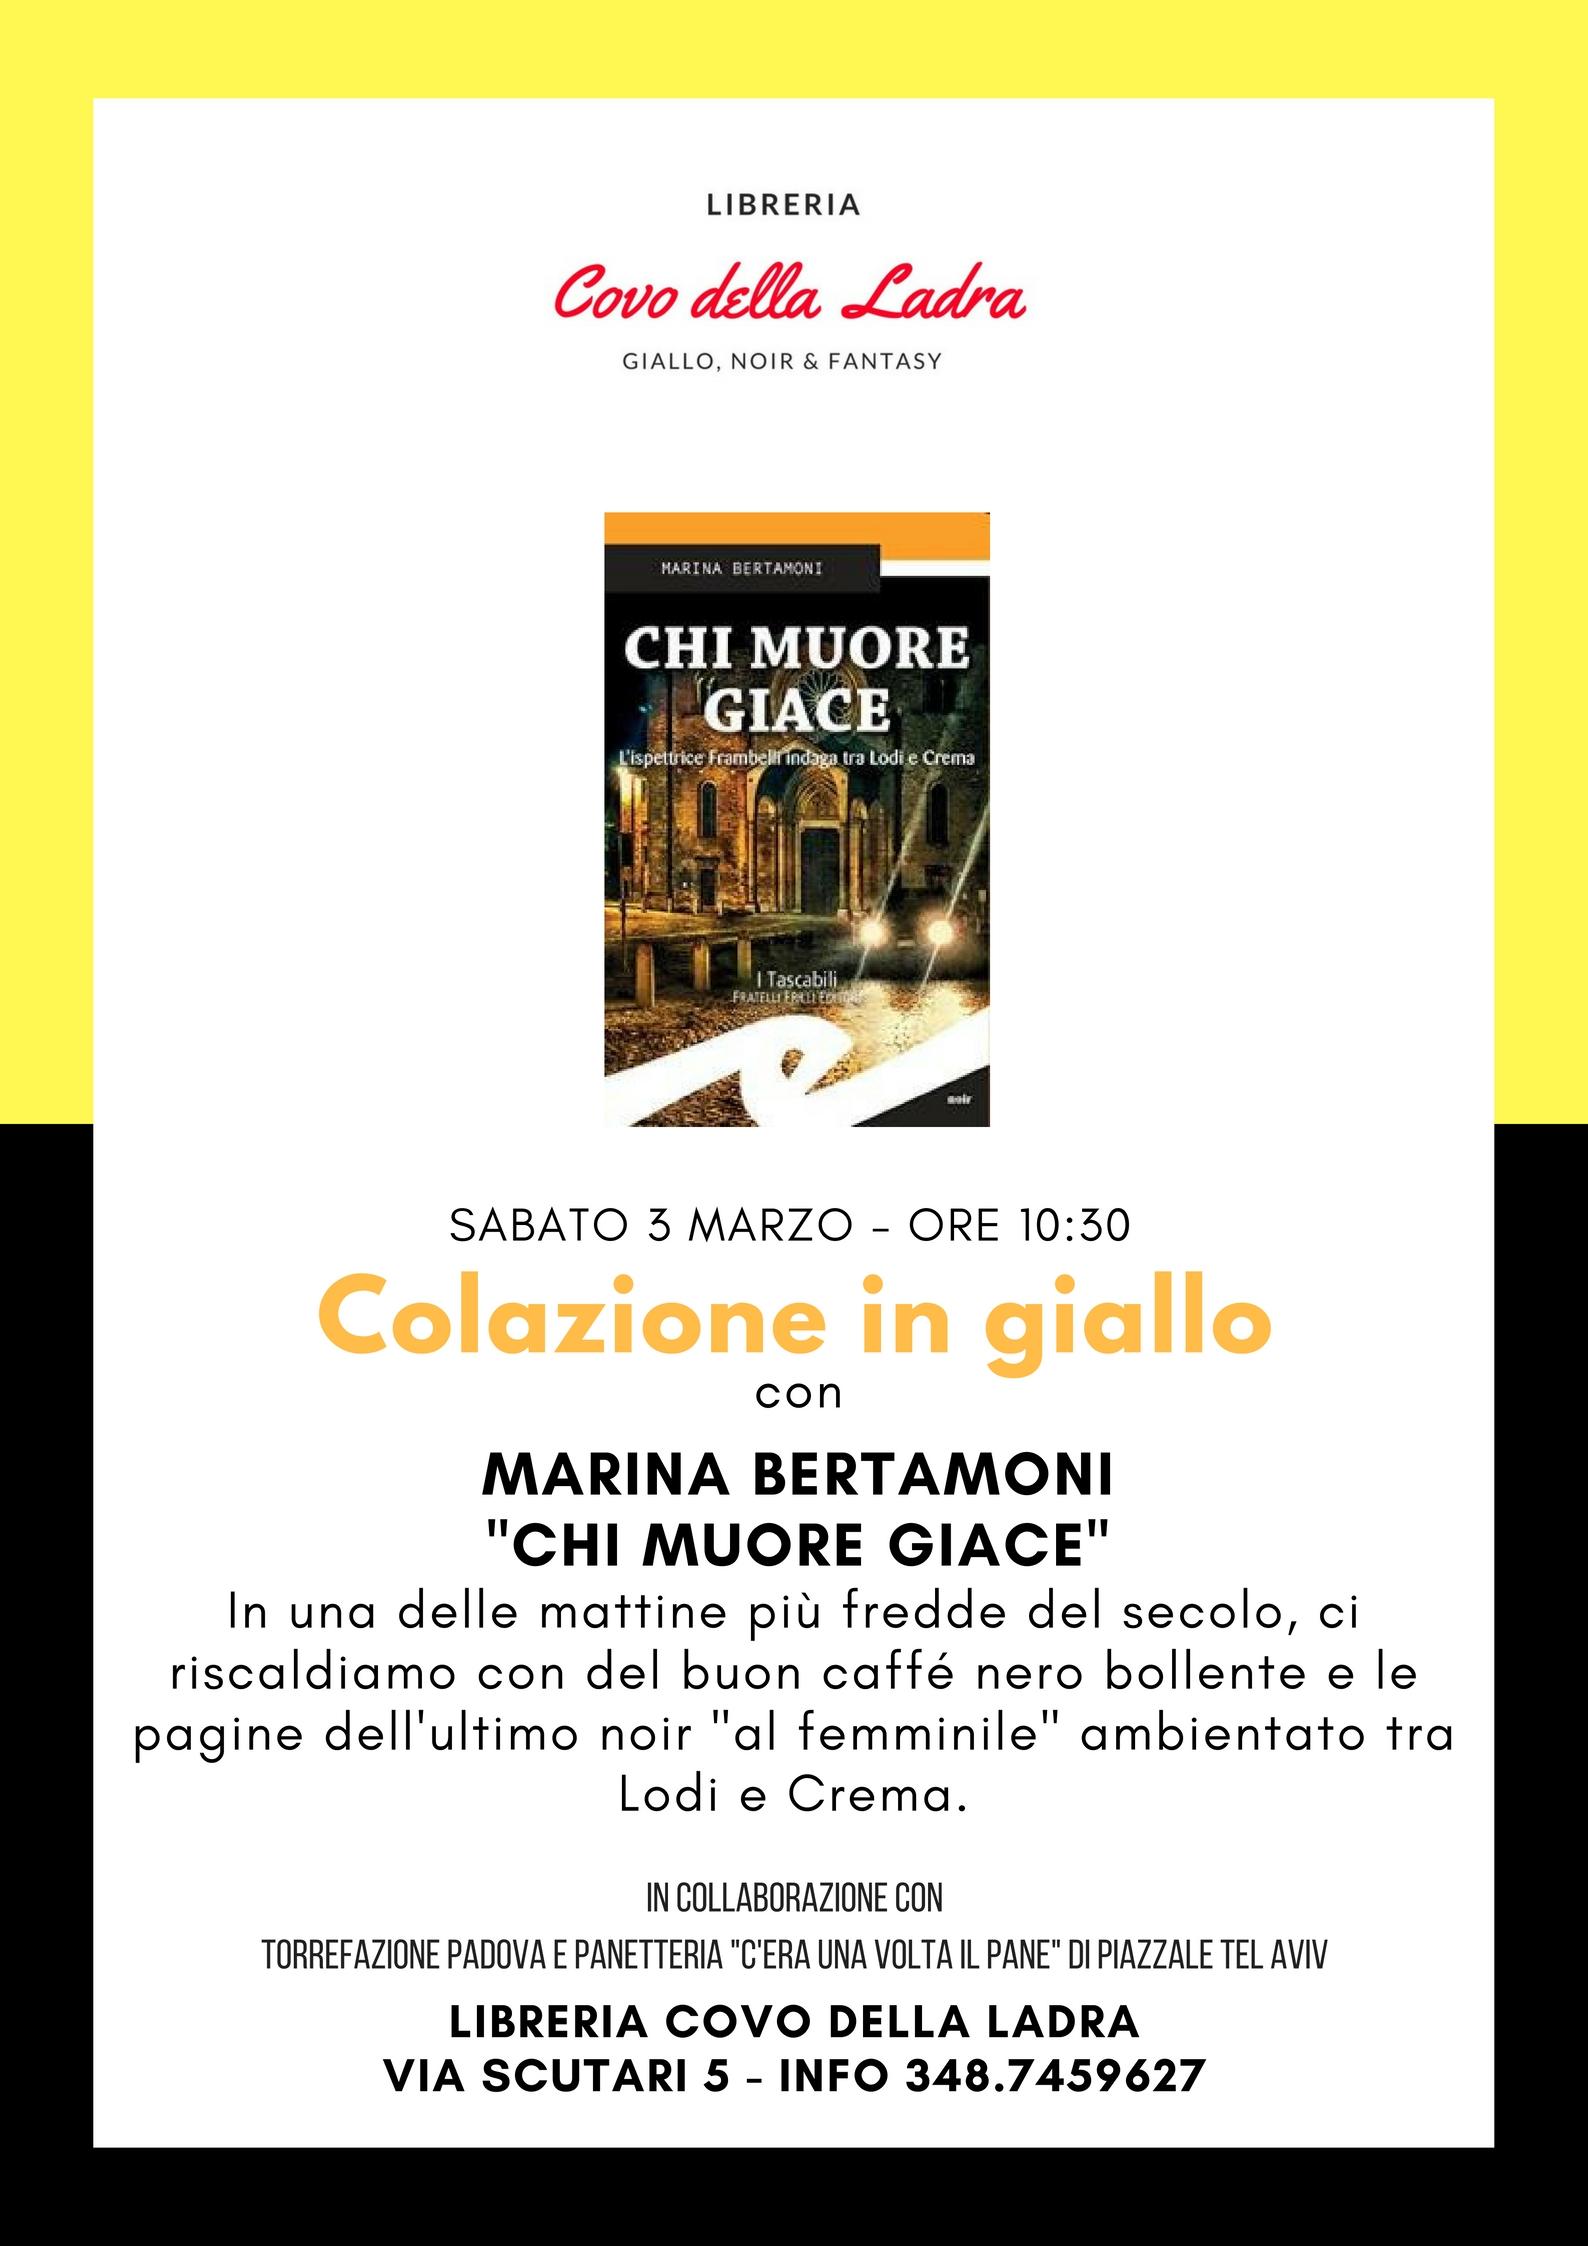 """Colazione in giallo con Marina Bertamoni e """"Chi muore giace"""""""